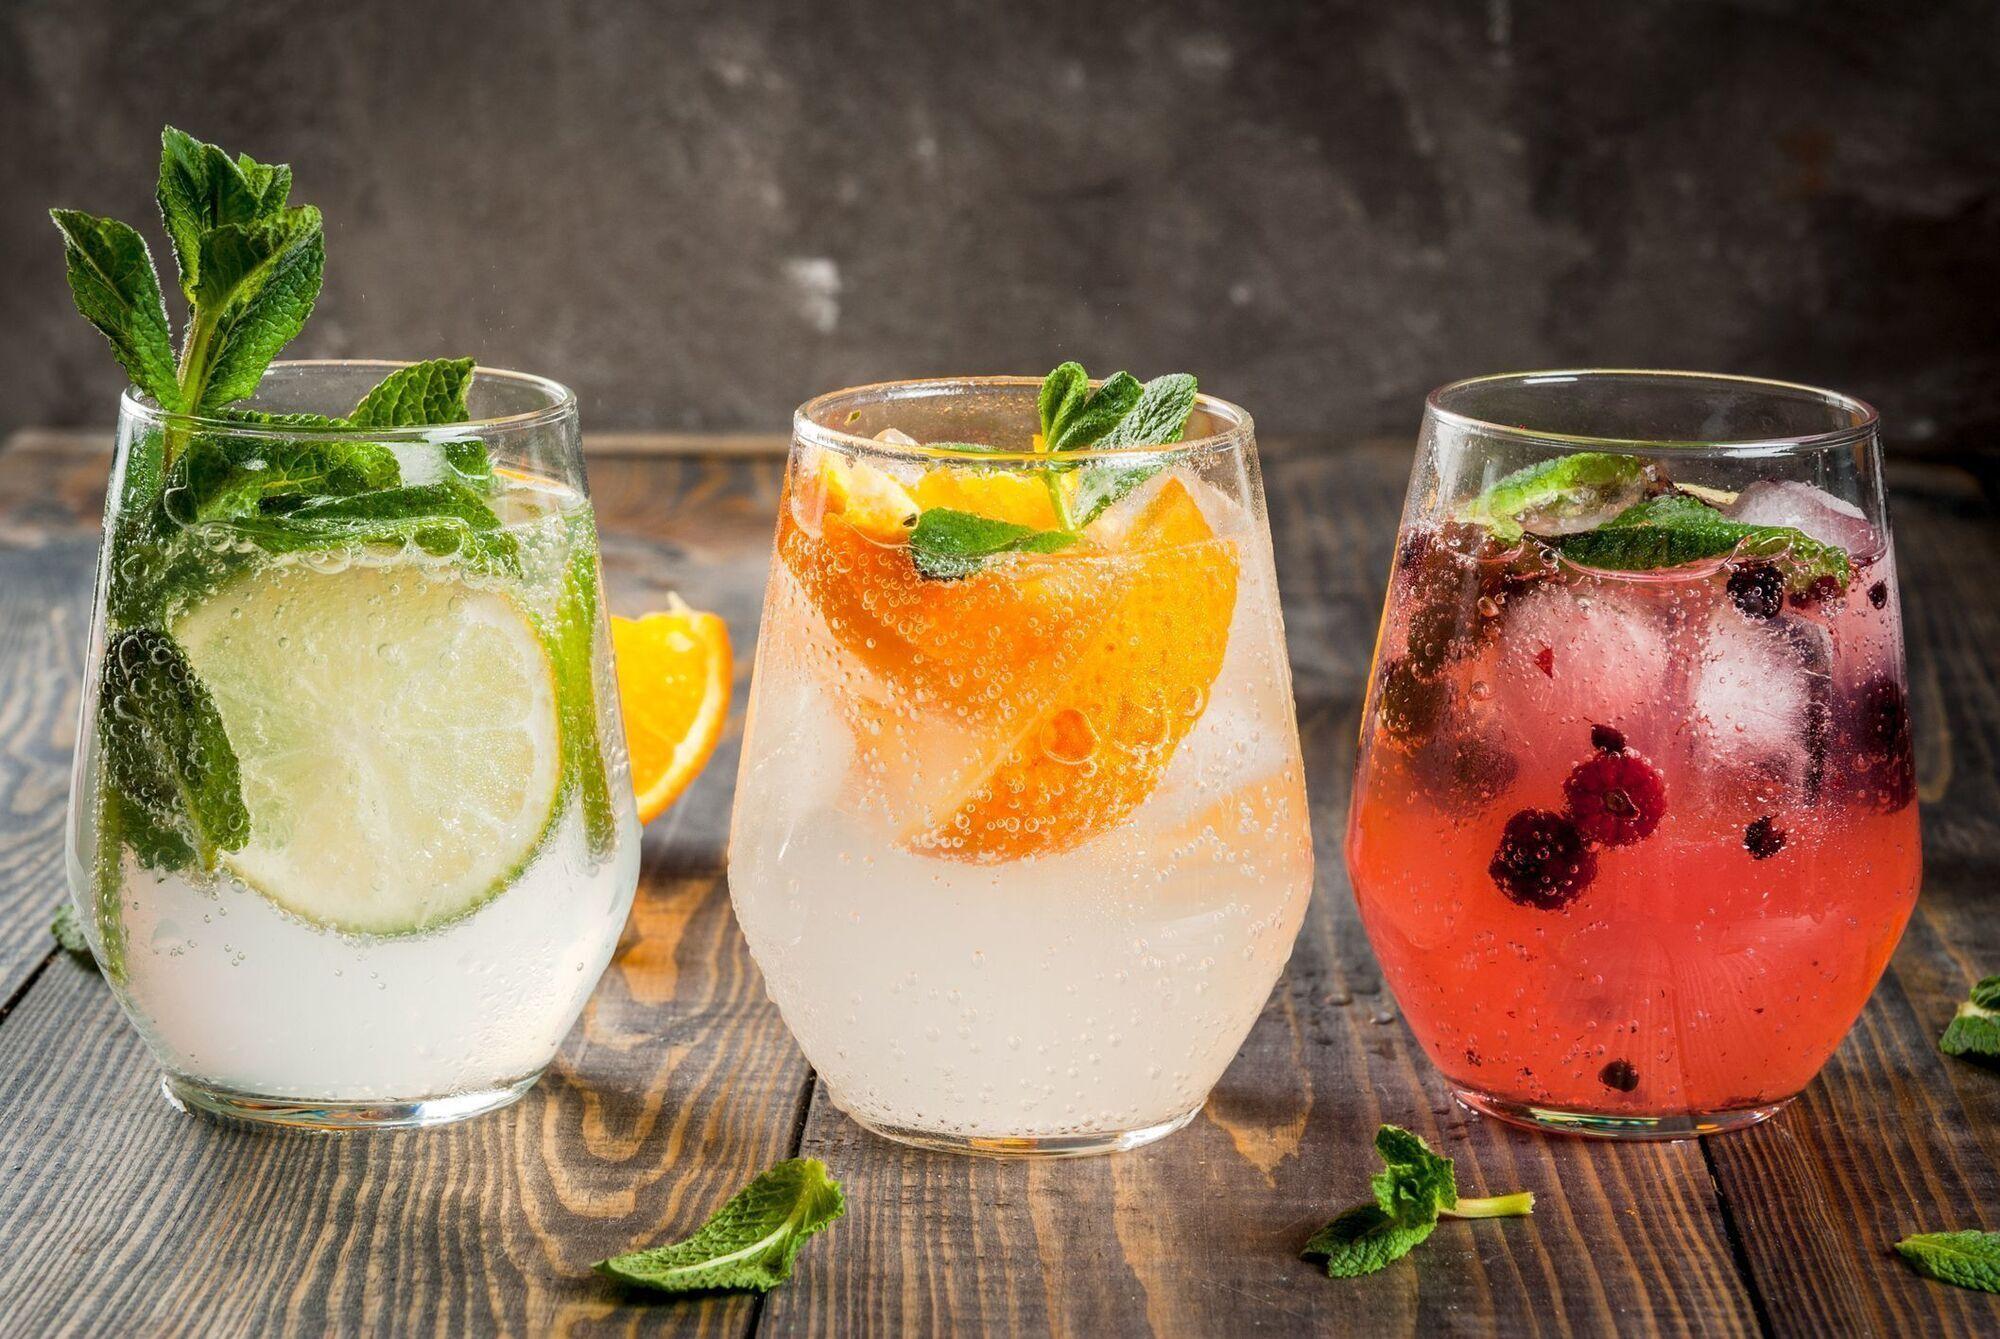 Эксперты советуют не злоупотреблять алкоголем